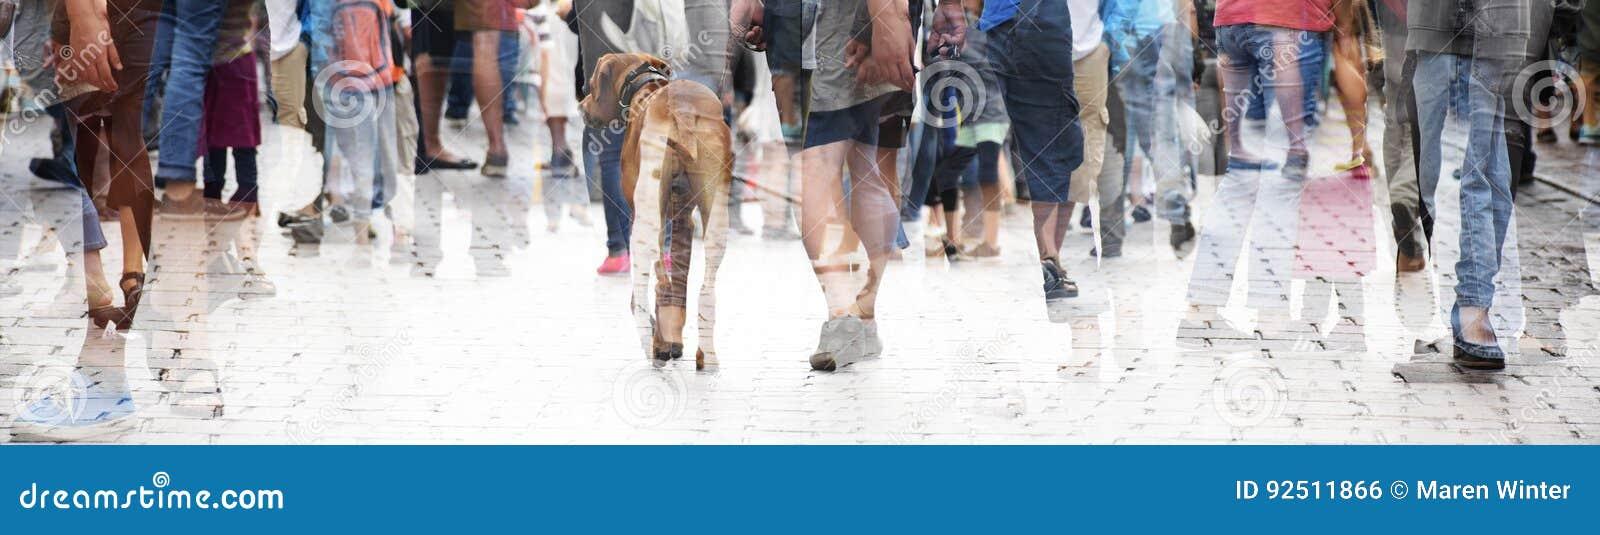 Stadsgang, dubbele blootstelling van een grote menigte van mensen en een hond,